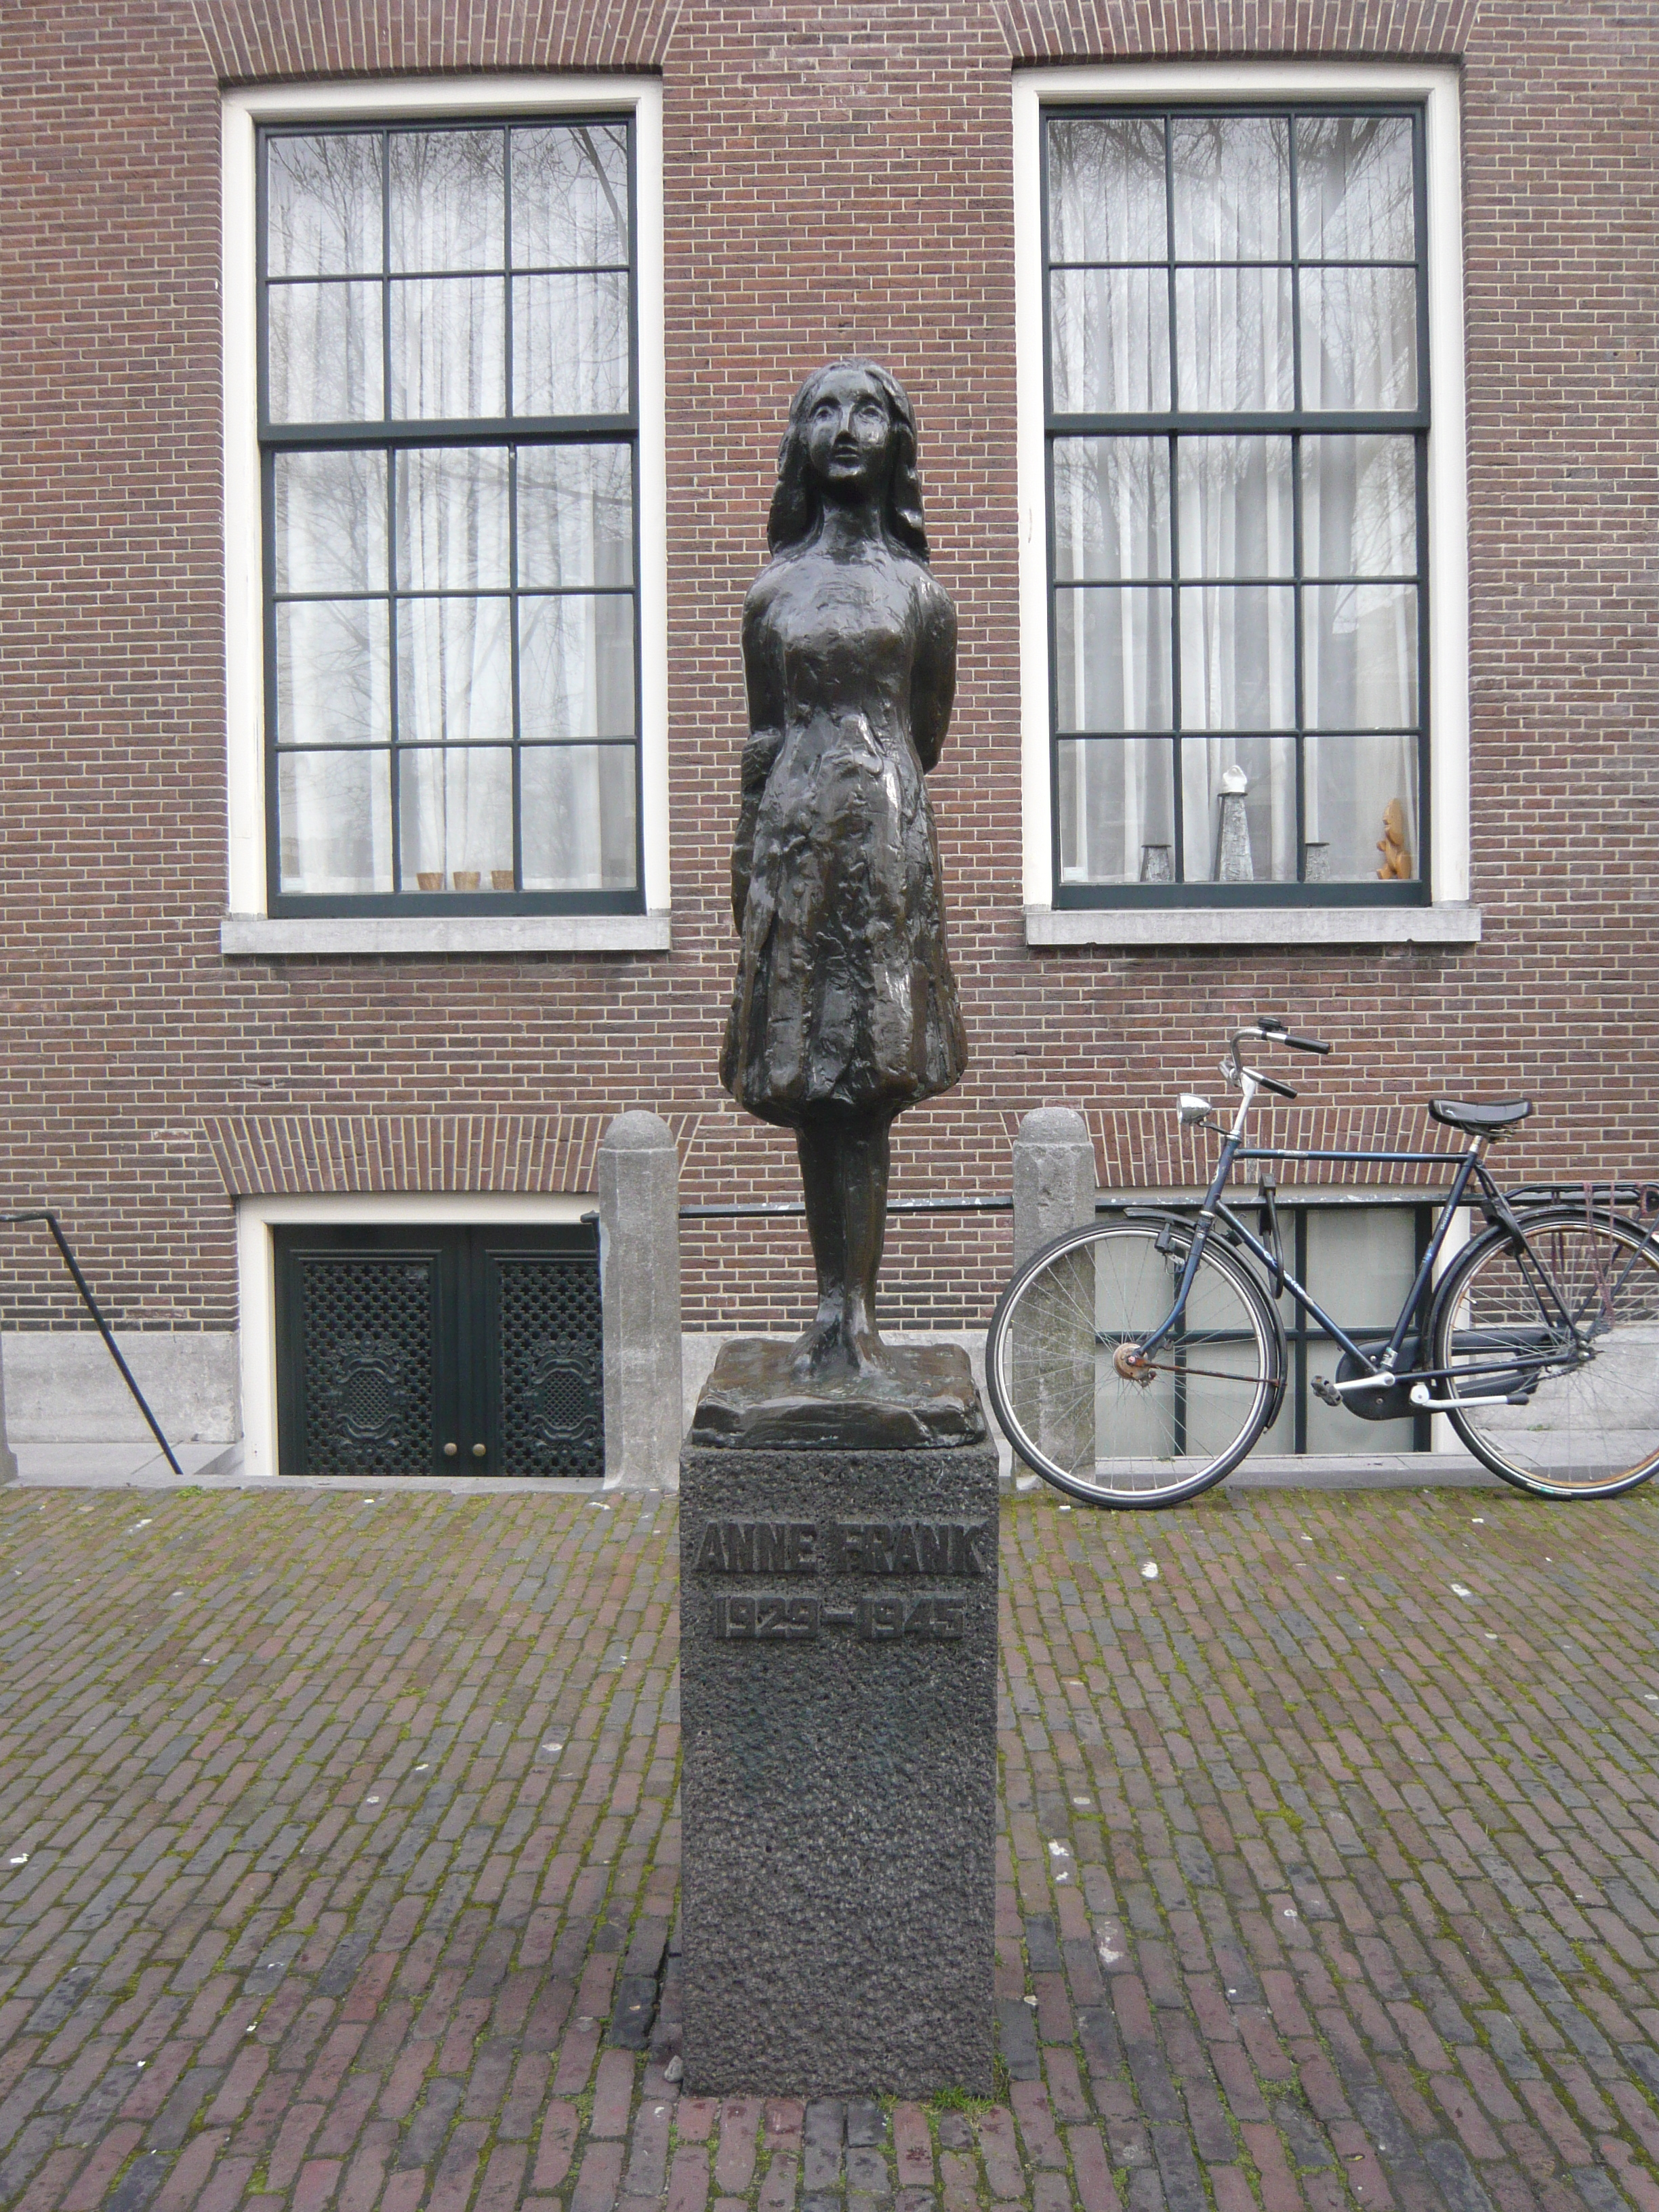 gratis sexhat body 2 body amsterdam